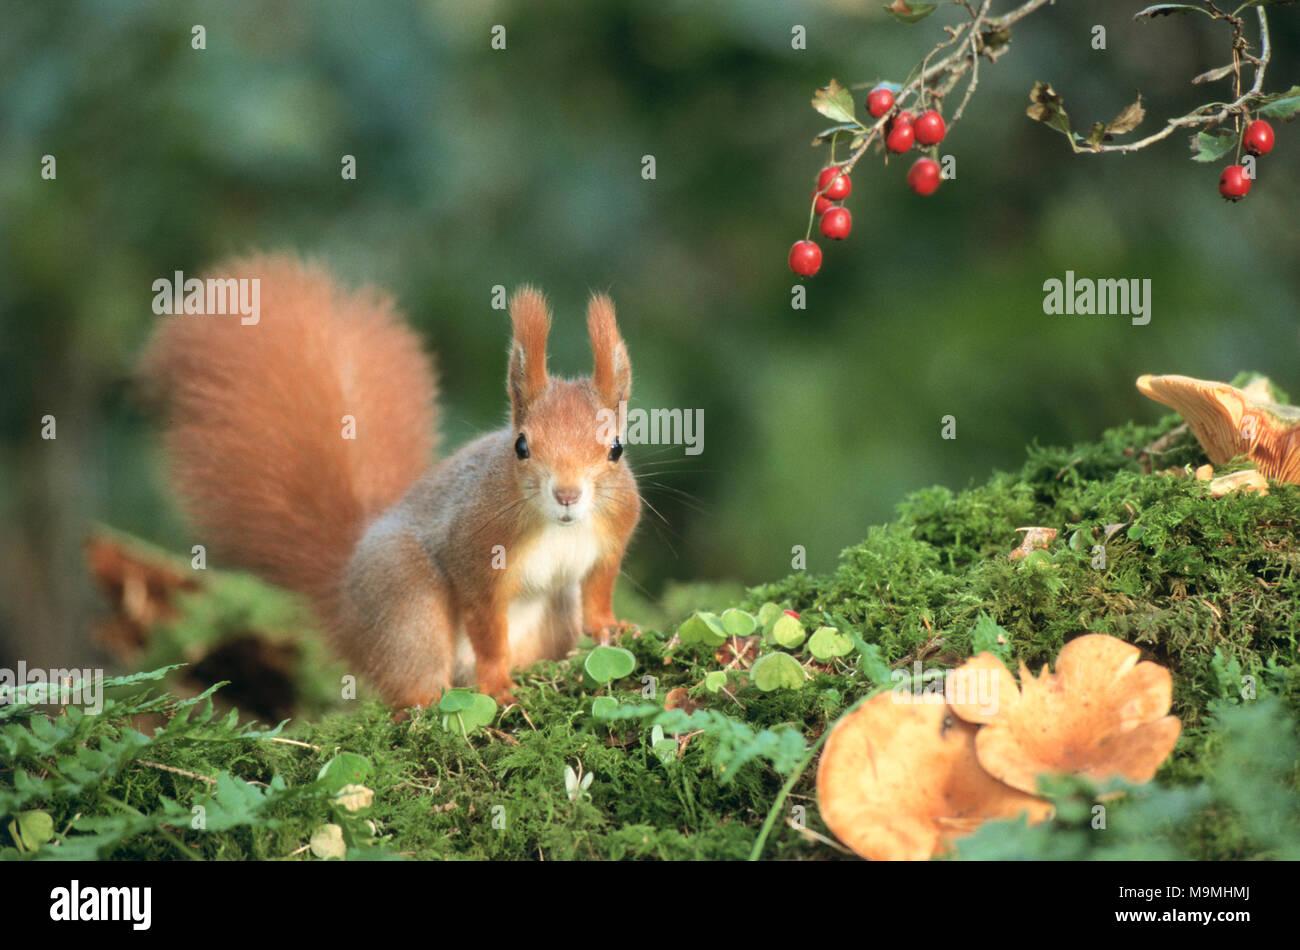 L'Écureuil roux (Sciurus vulgaris) à côté de Crataegus de baies. Allemagne Photo Stock